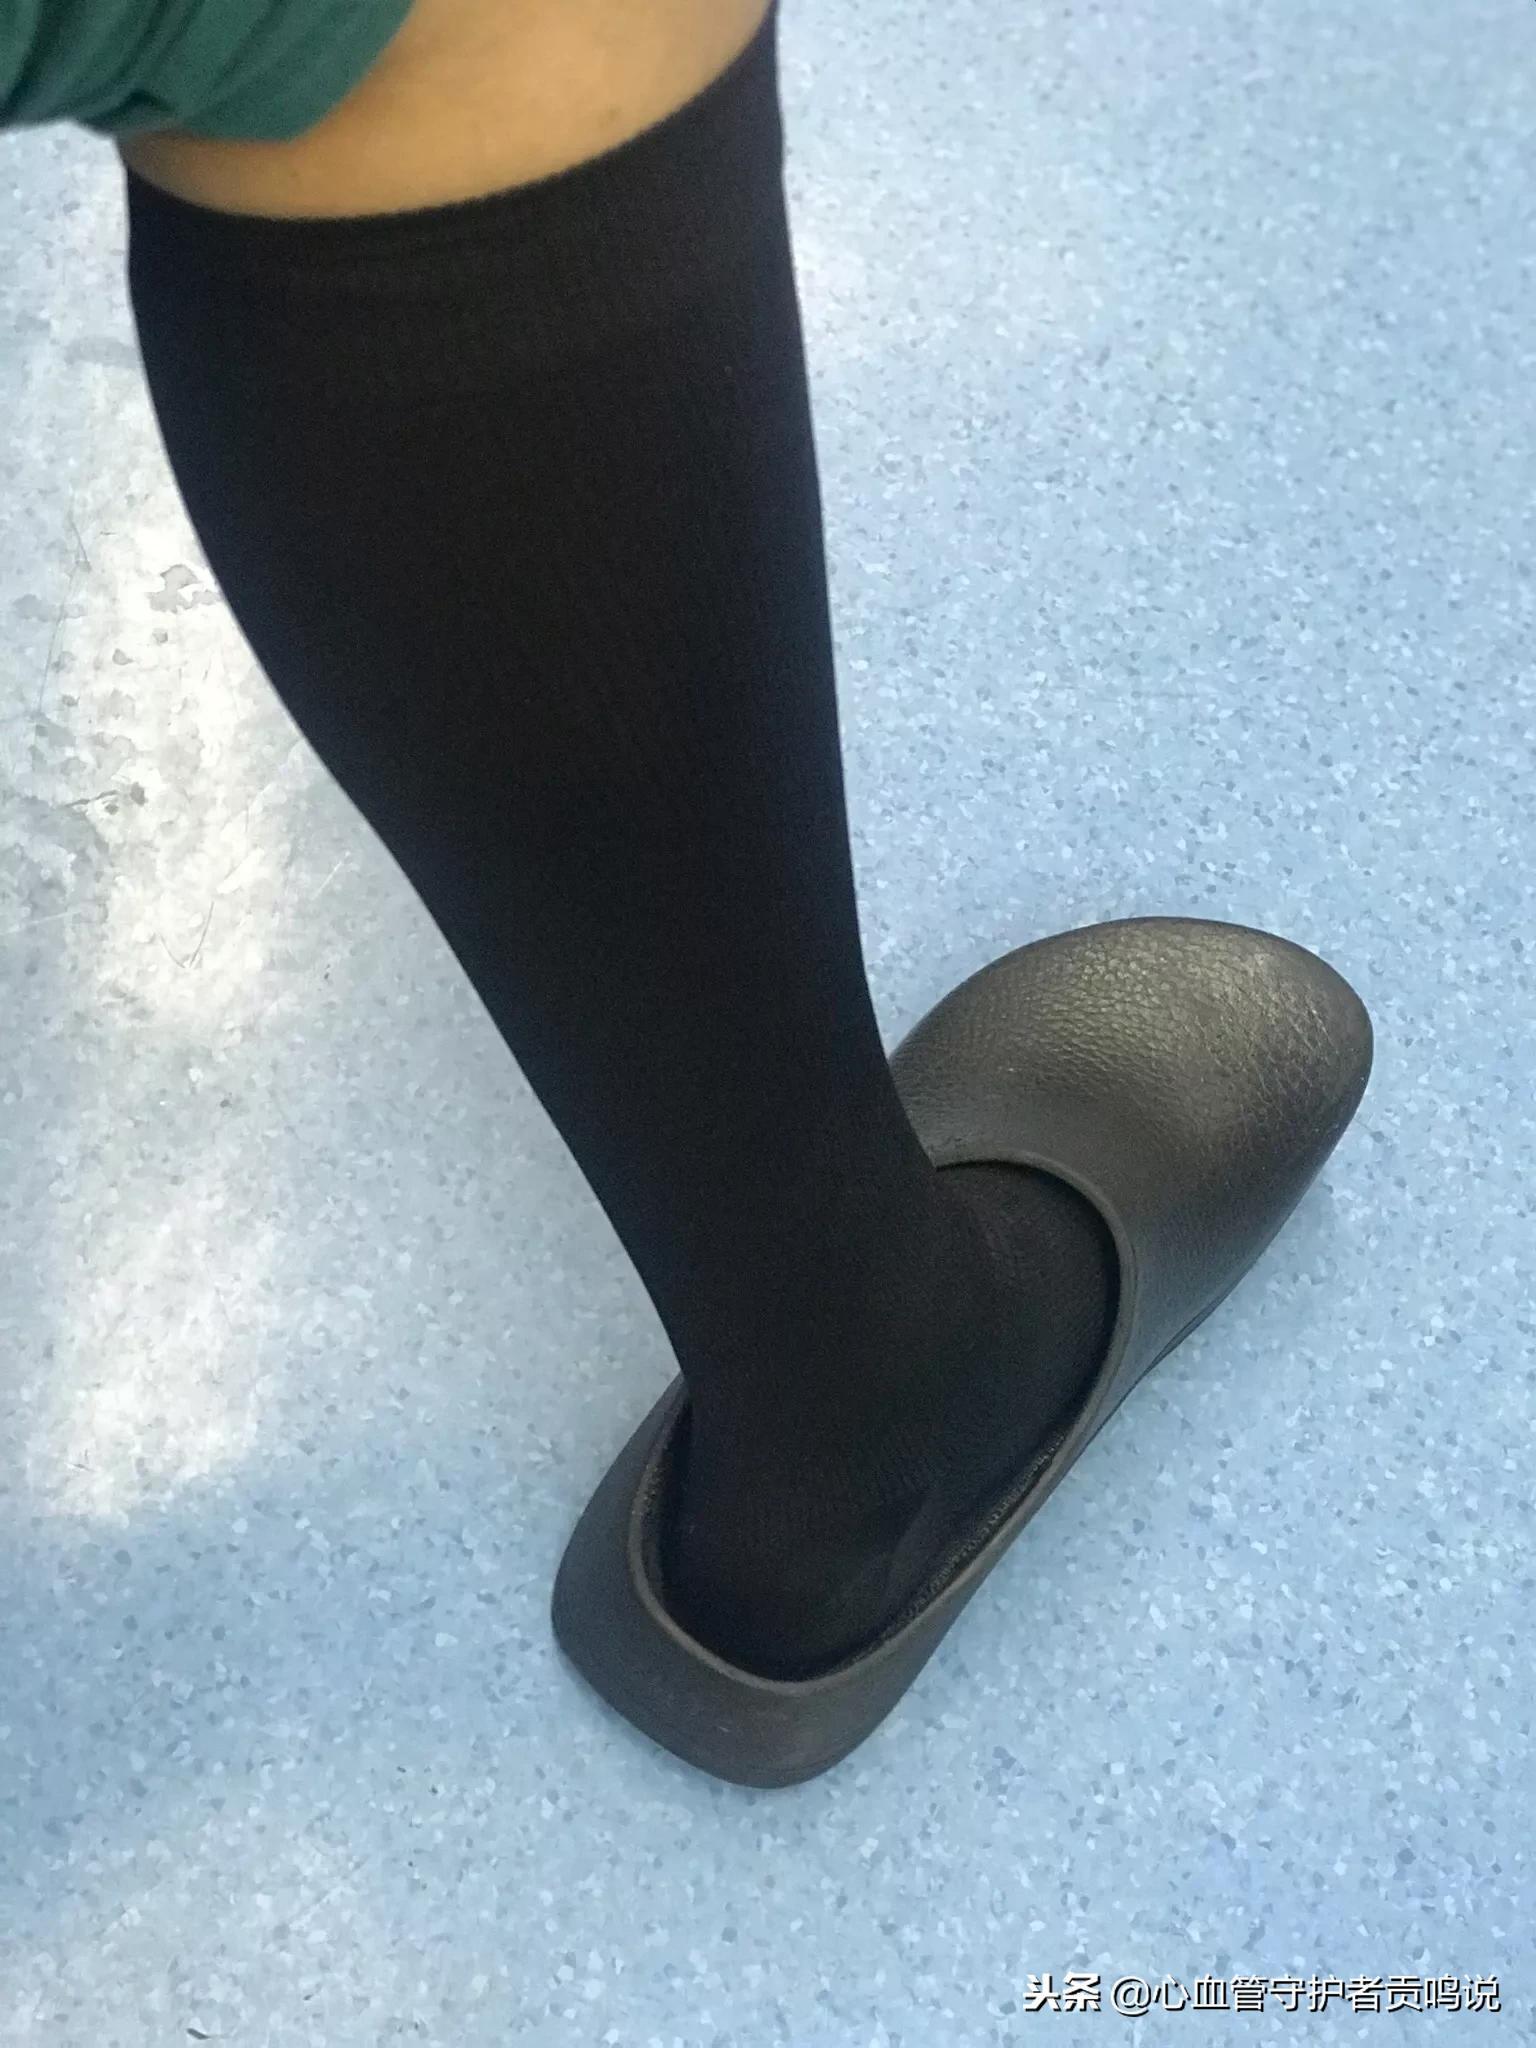 为啥男医生上手术要穿性感的长筒袜[爱慕] - 第1张  | 网络大咖